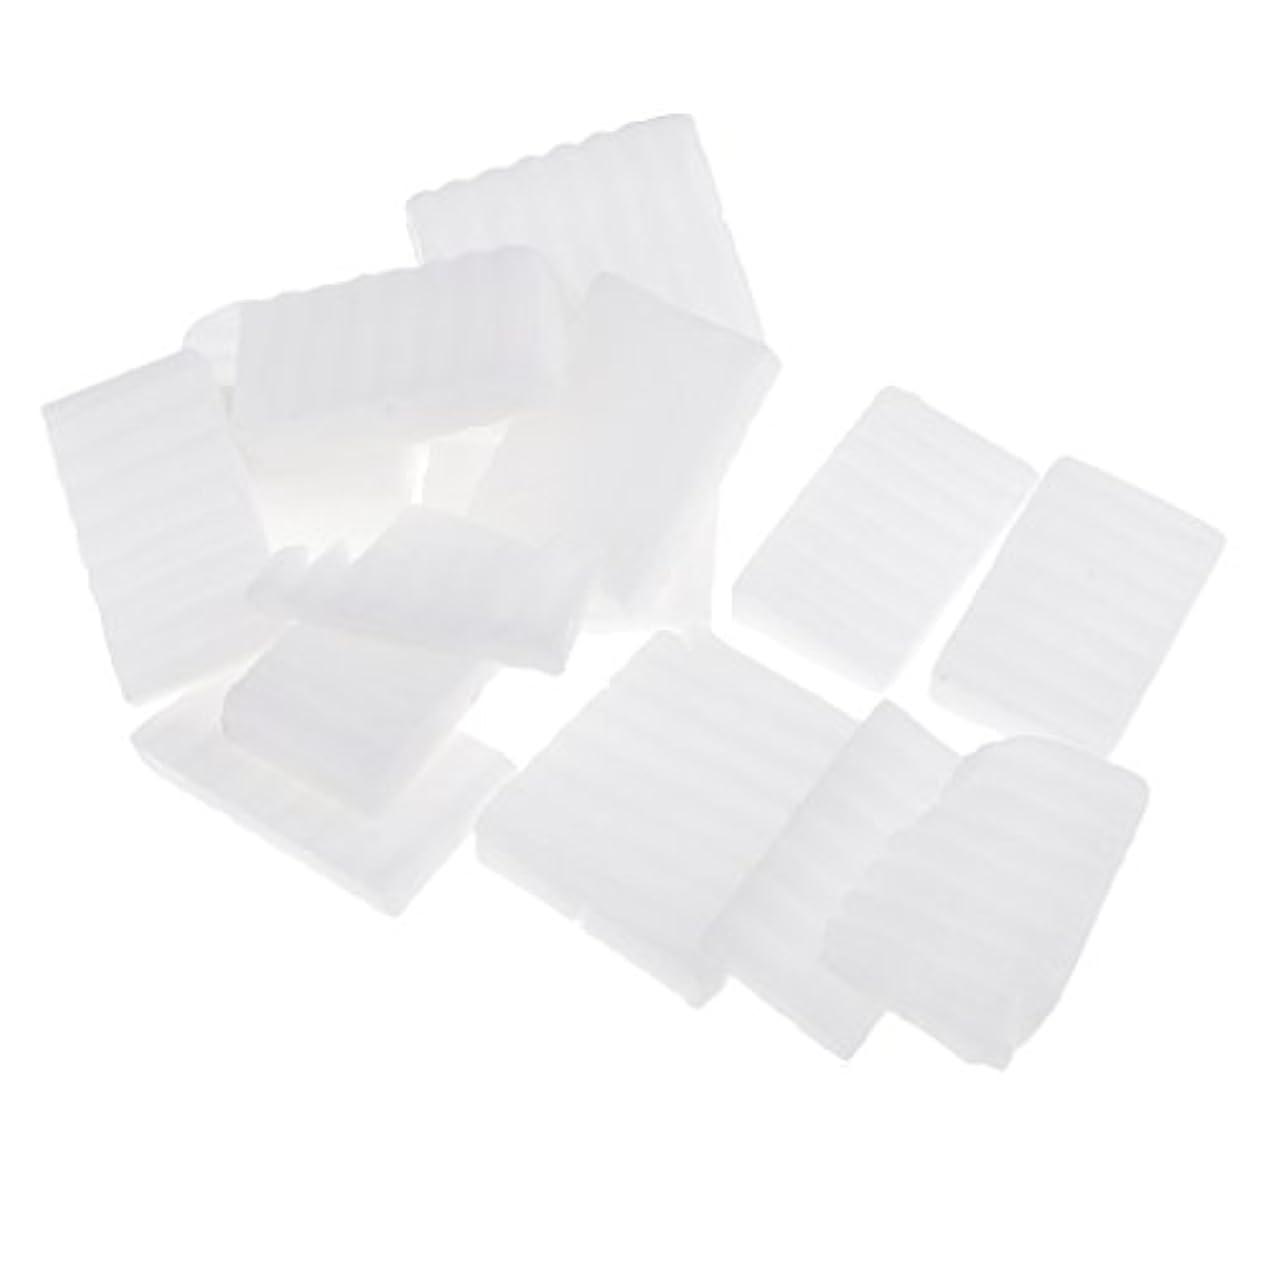 衣服ステッチ運命白い 石鹸ベース DIY 手作り 石鹸 材料 約500g 手作り 石鹸のため